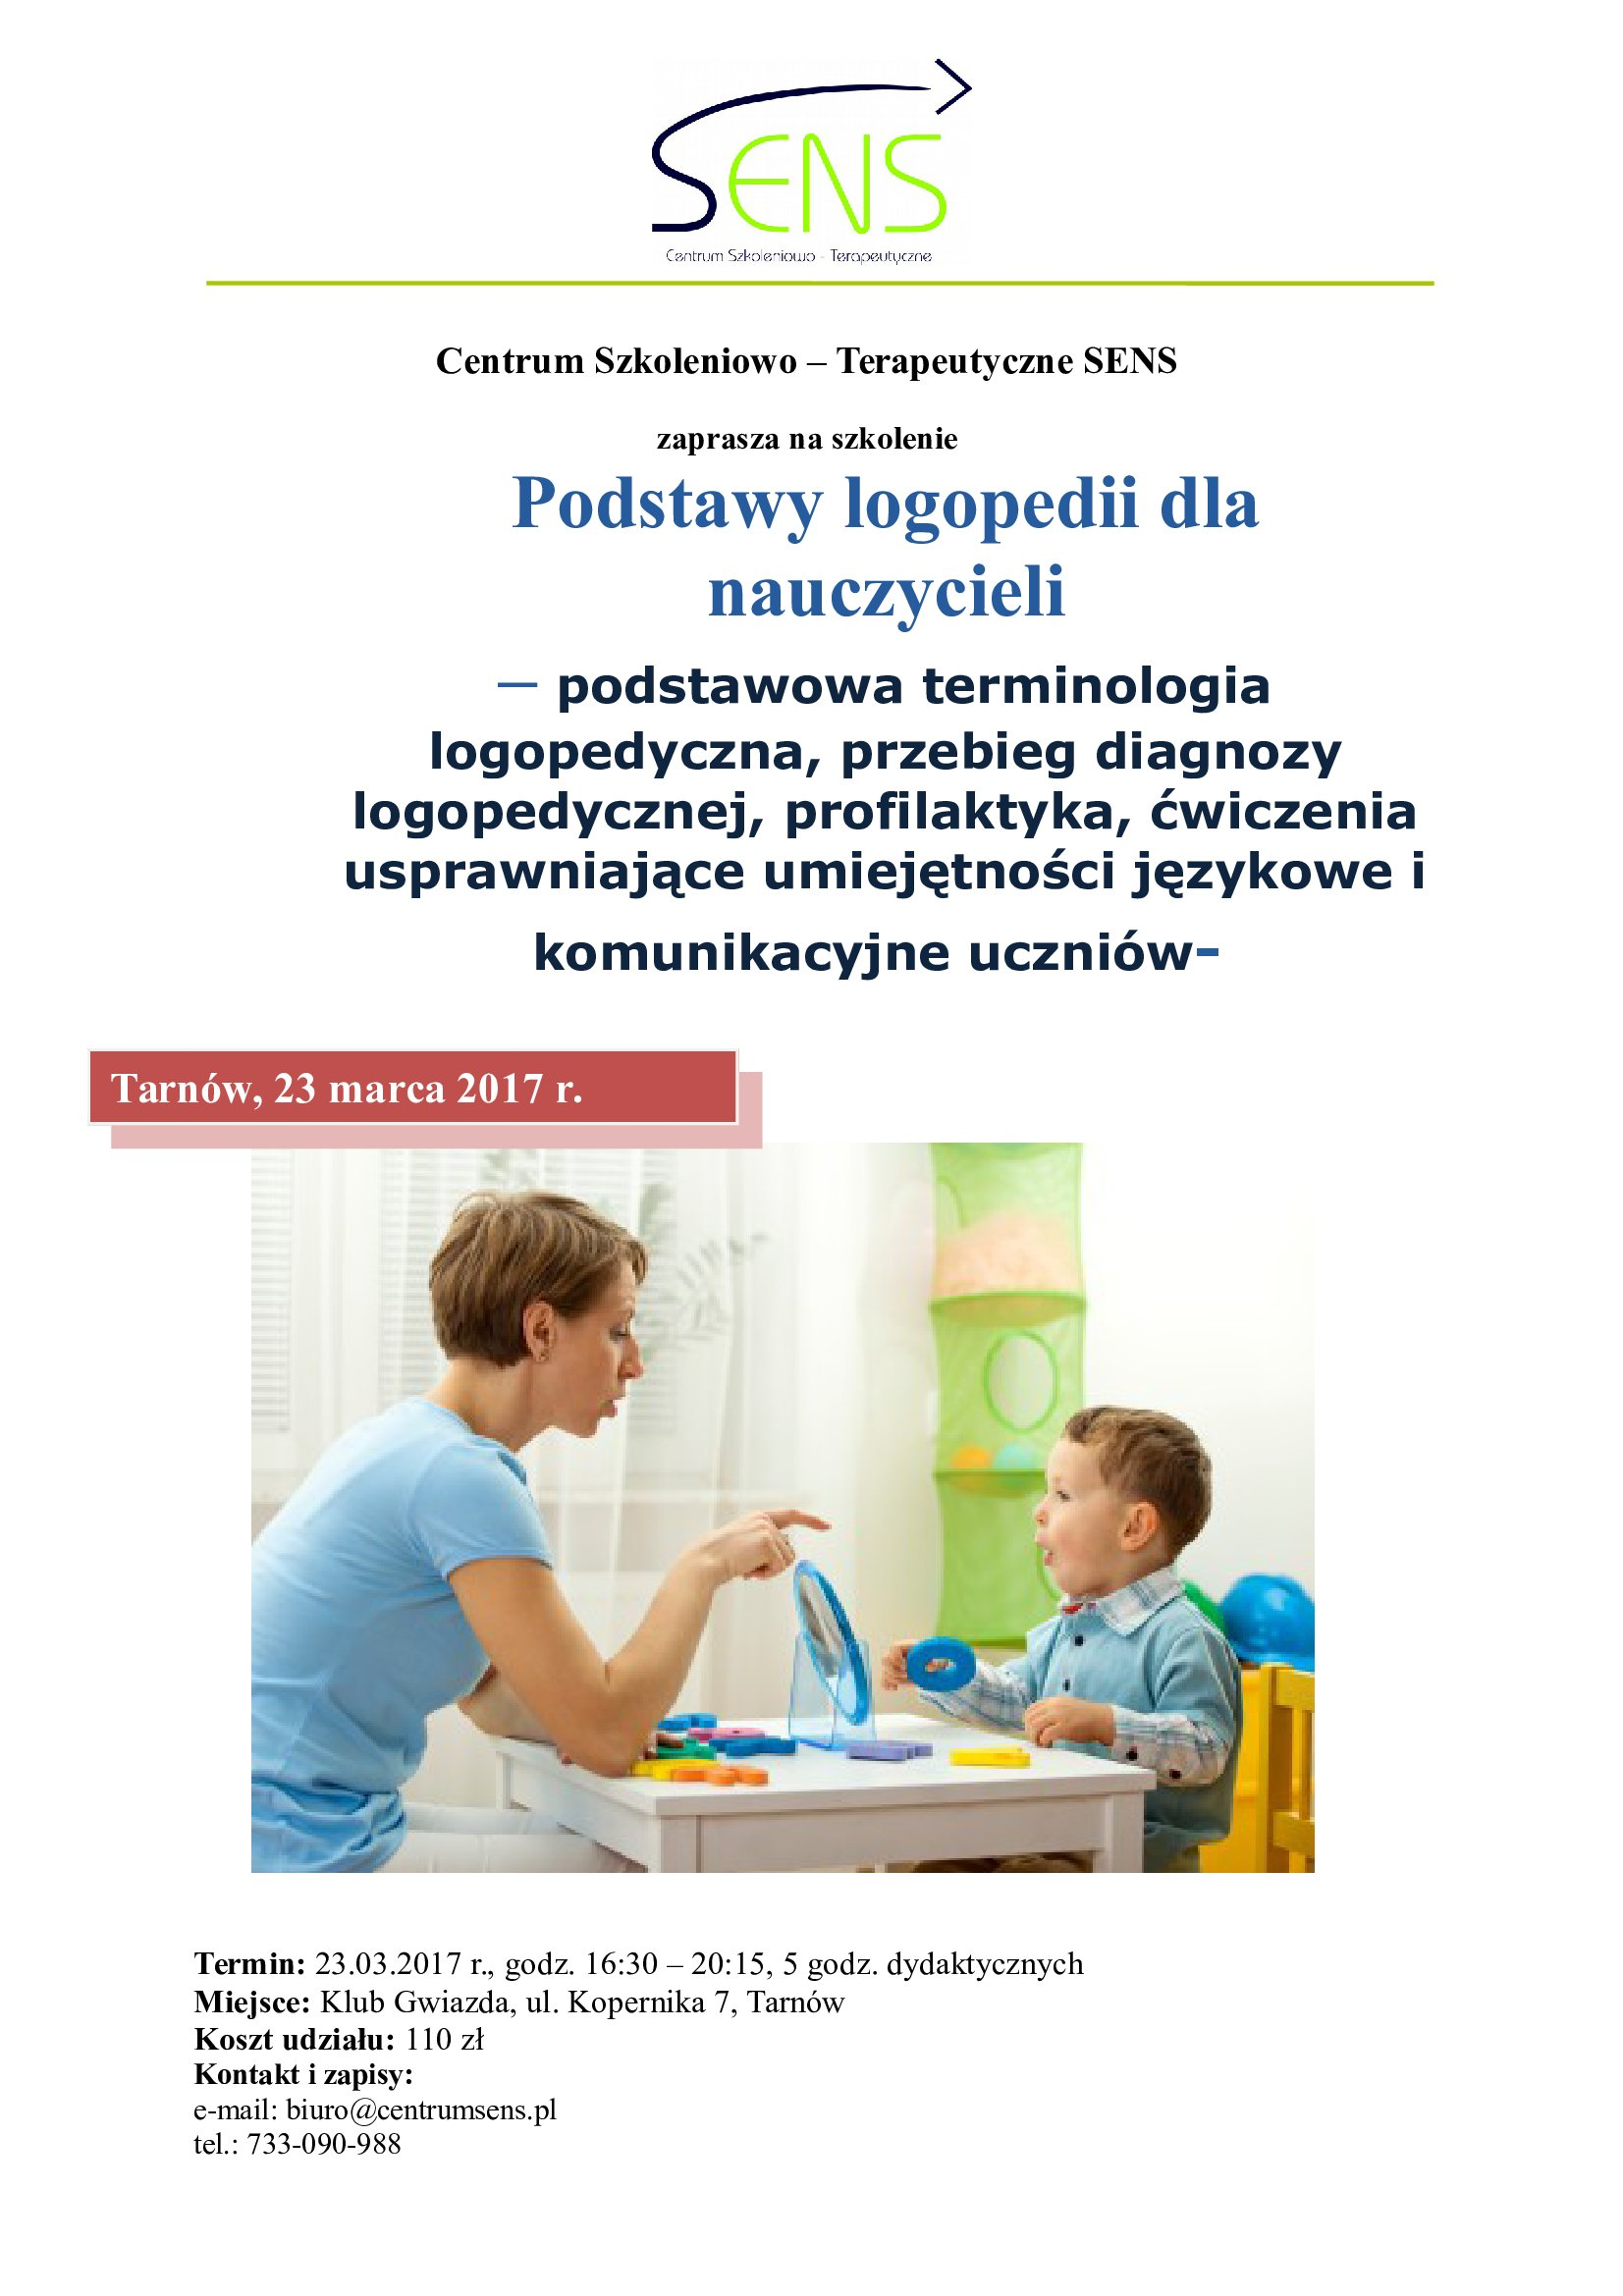 Tarnów. Podstawy logopedii dla nauczycieli.23.03.2017 r.